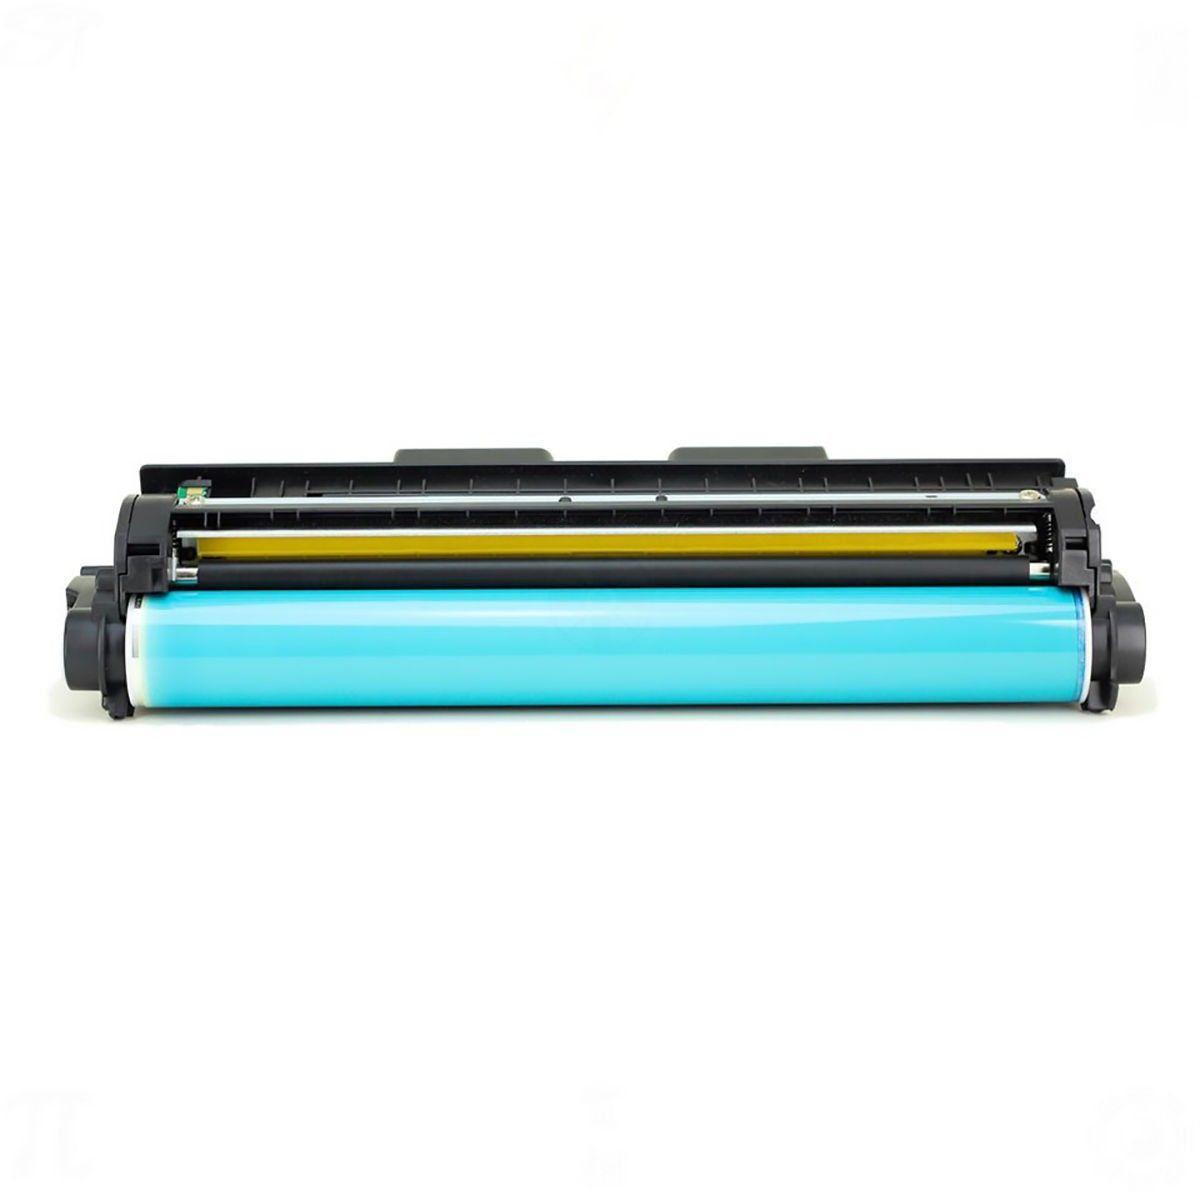 Compatível: Fotocondutor CE314A 314A para HP CP1020 CP1025 CP1025nw M175a M176n M177fw M175nw M275nw CP-1025 / 14.000